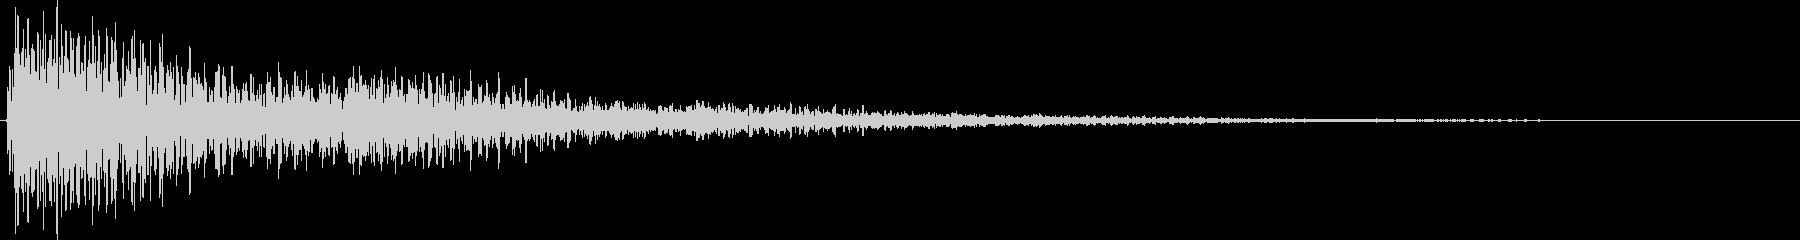 デーン(ガッカリ、失敗、ショック)の未再生の波形